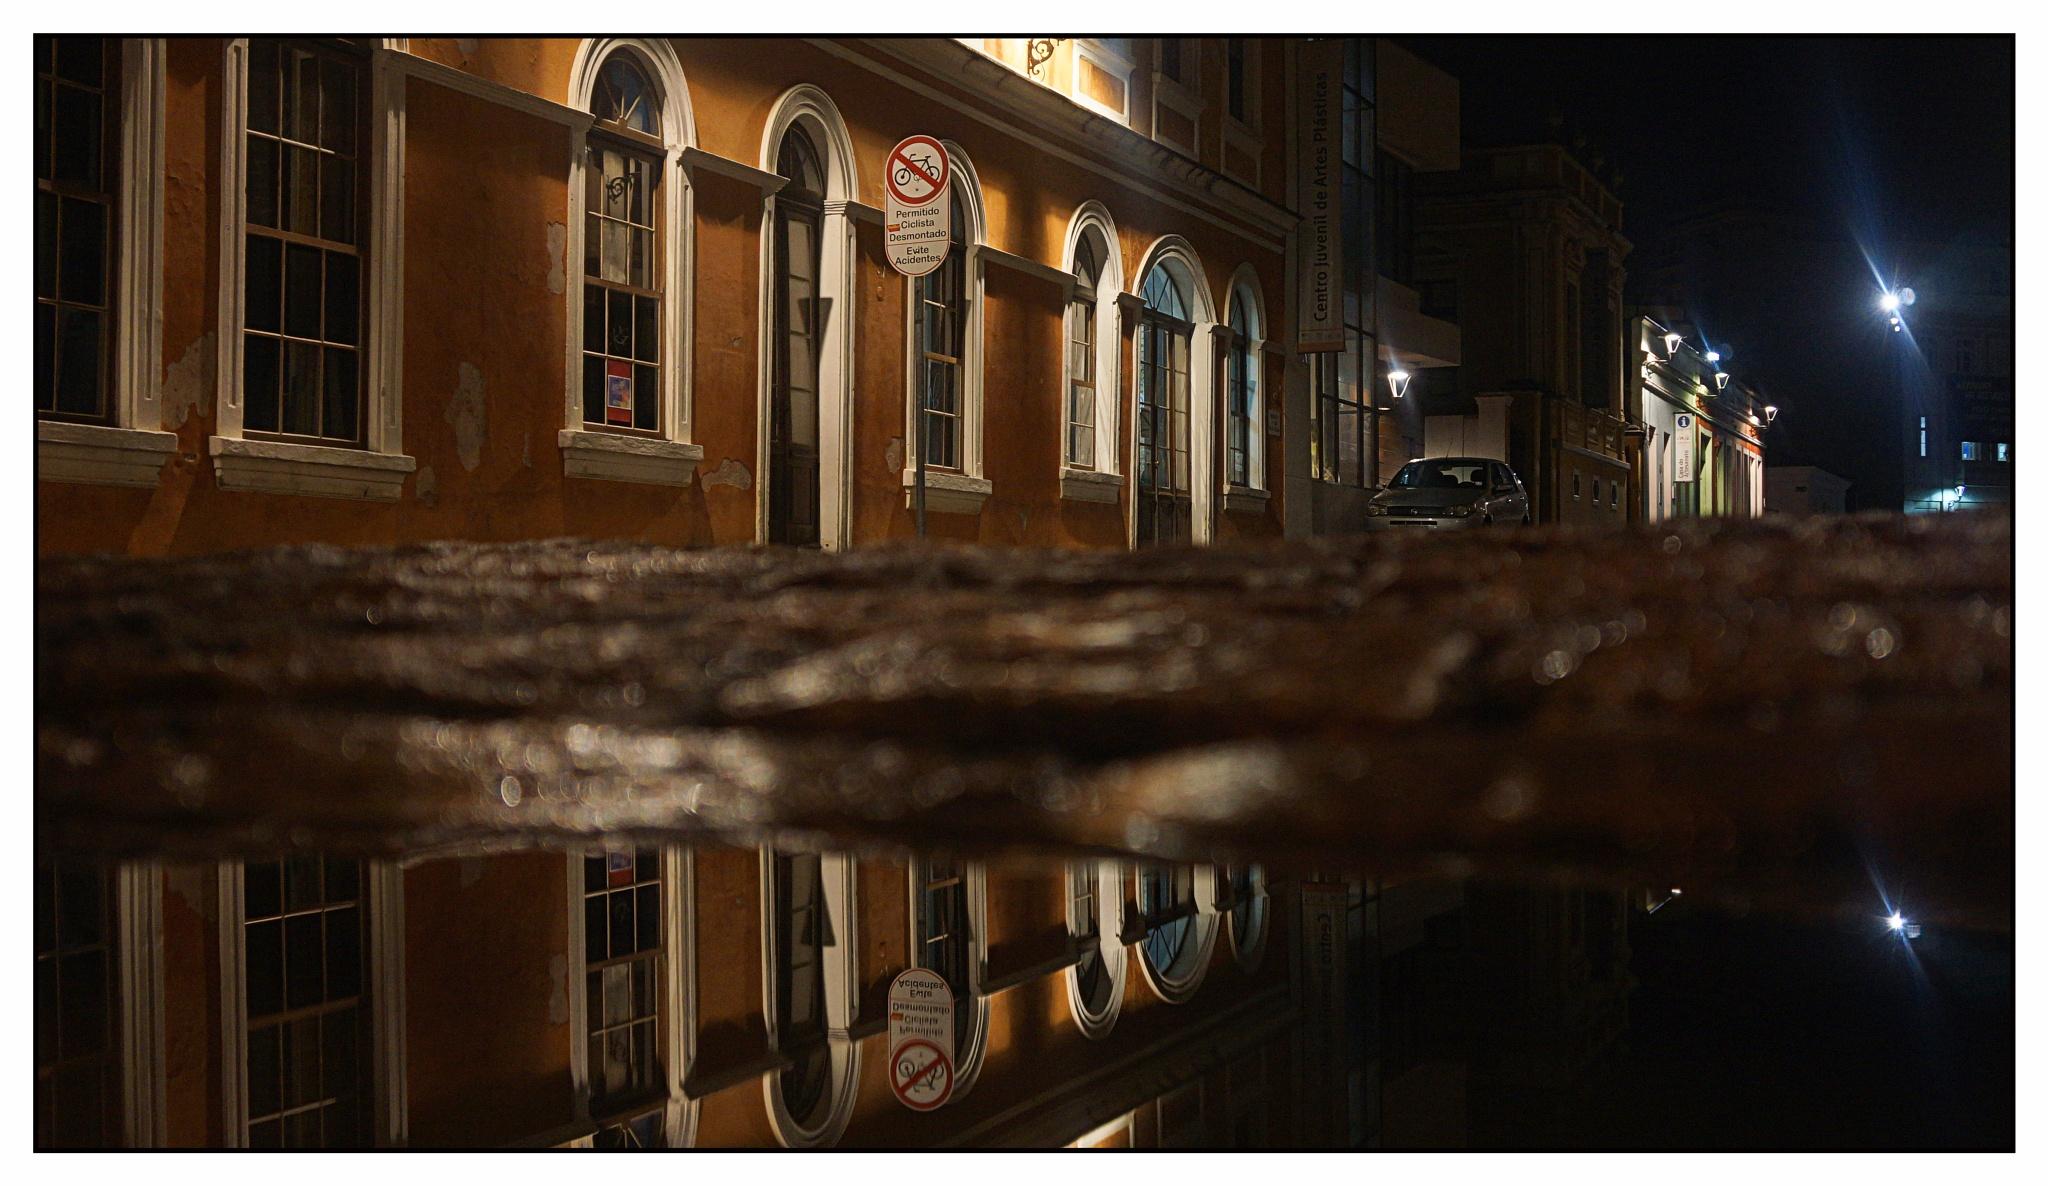 Noite em Curitiba by José Evaldo Suassuna de Oliveira